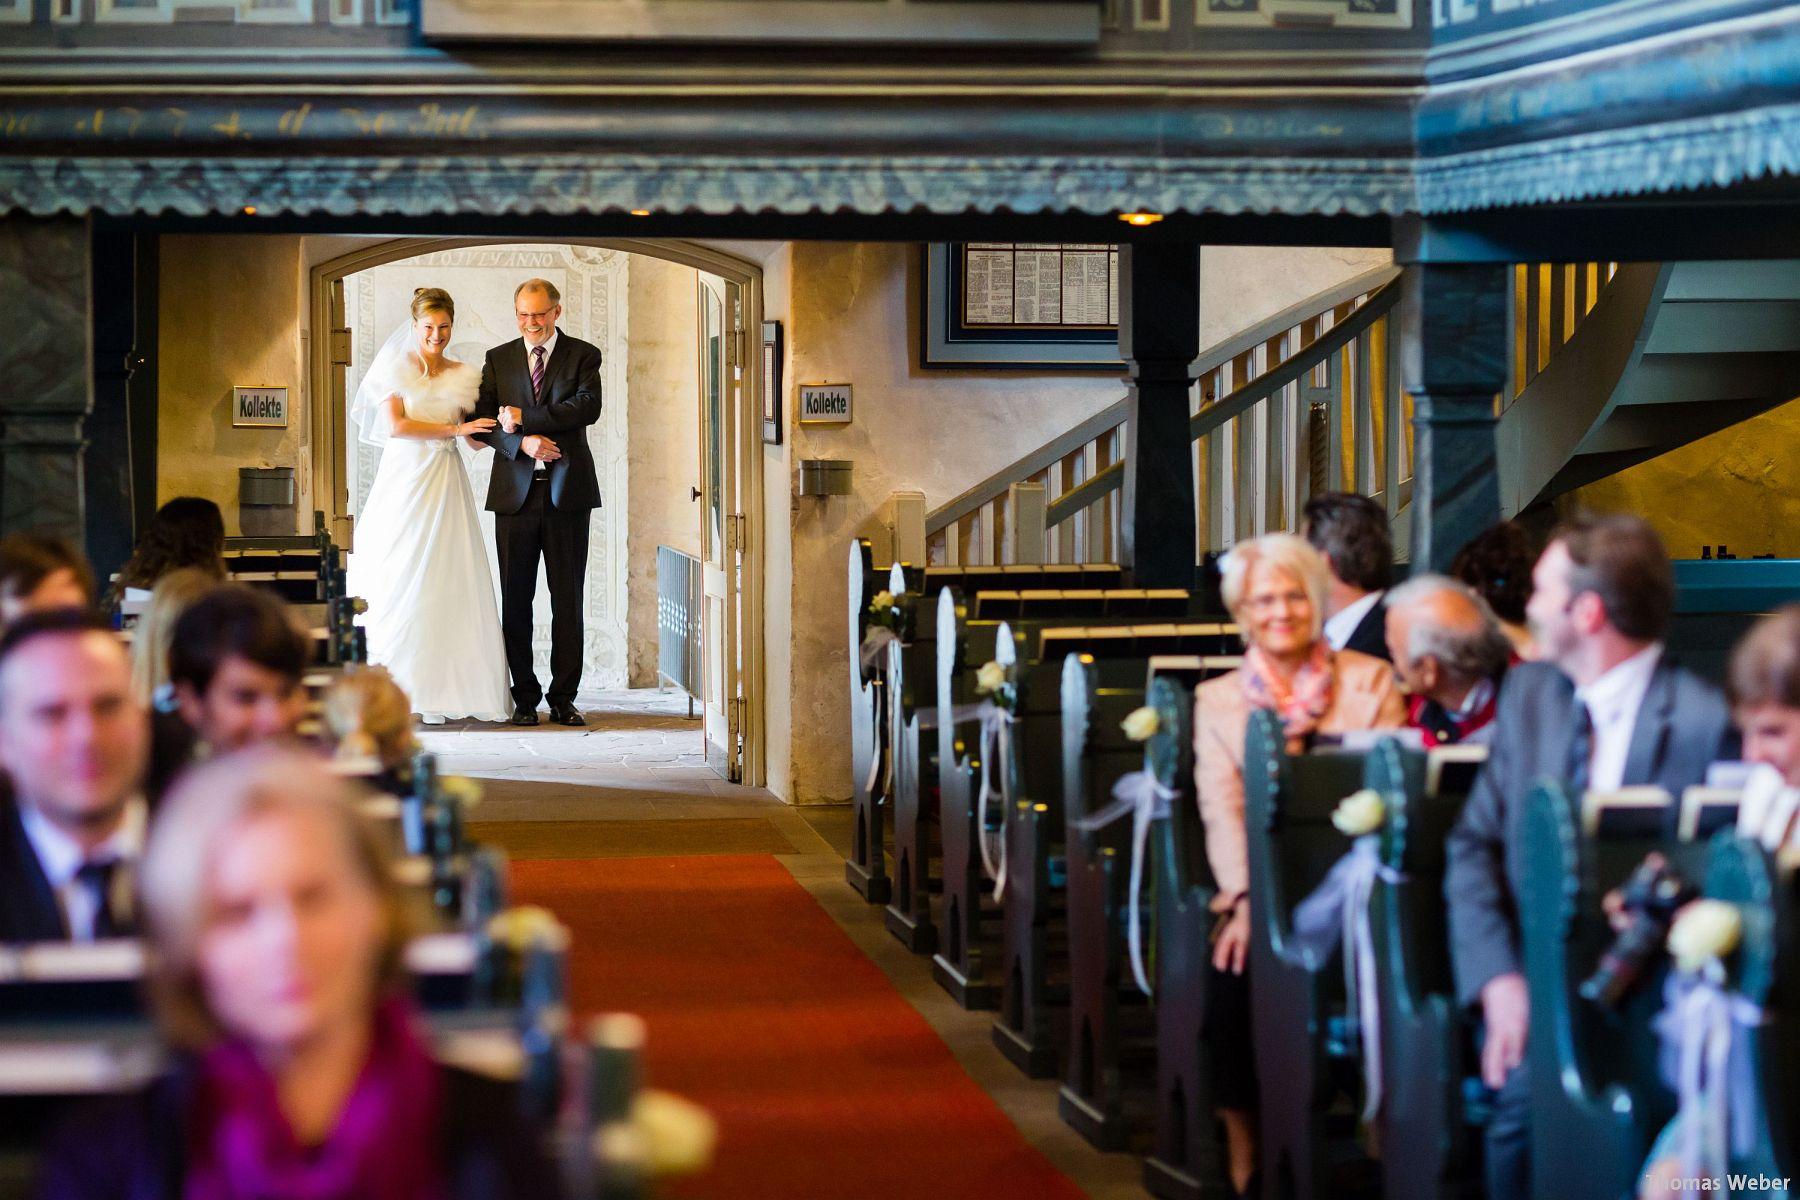 Hochzeitsfotograf Rastede: Kirchliche Trauung in der St. Ulrichs Kirche Rastede und Hochzeitsfeier in der Eventscheune St Georg Rastede mit dem Catering von Michael Niebuhr aus Oldenburg (15)